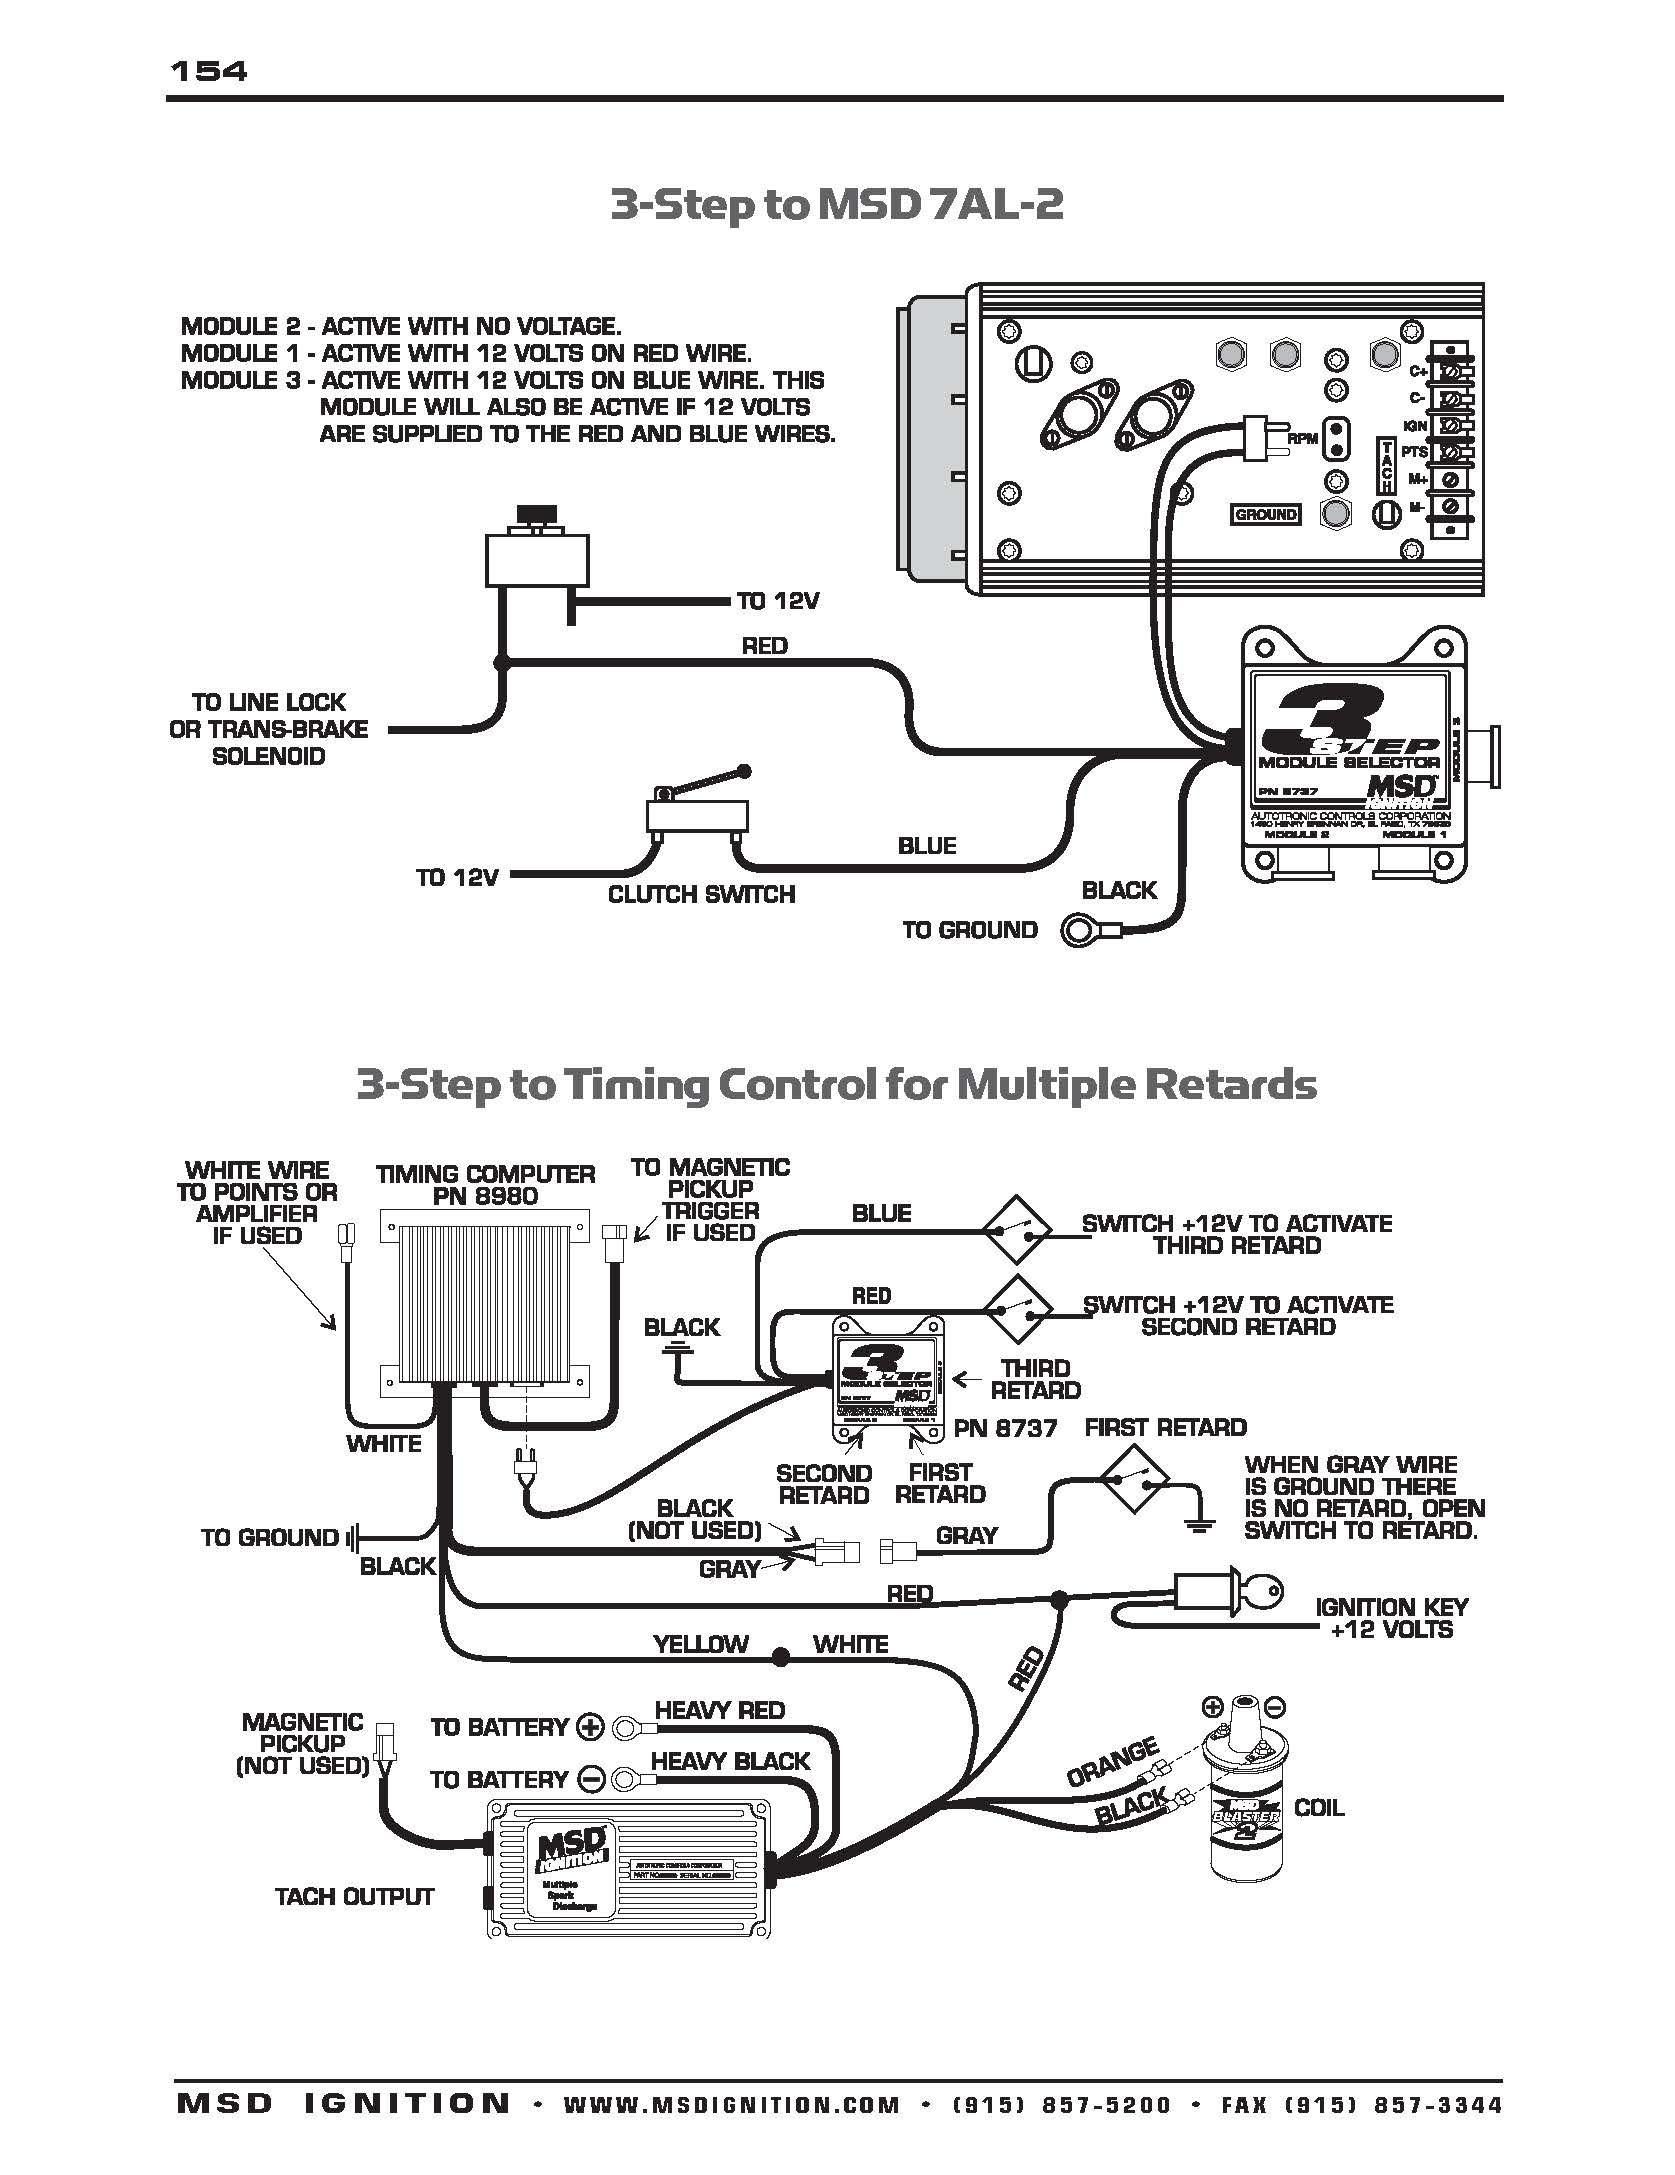 Viper 3305v Wiring Diagram 6ffa9 Msd Wiring Diagram 6m 2 Of Viper 3305v Wiring Diagram